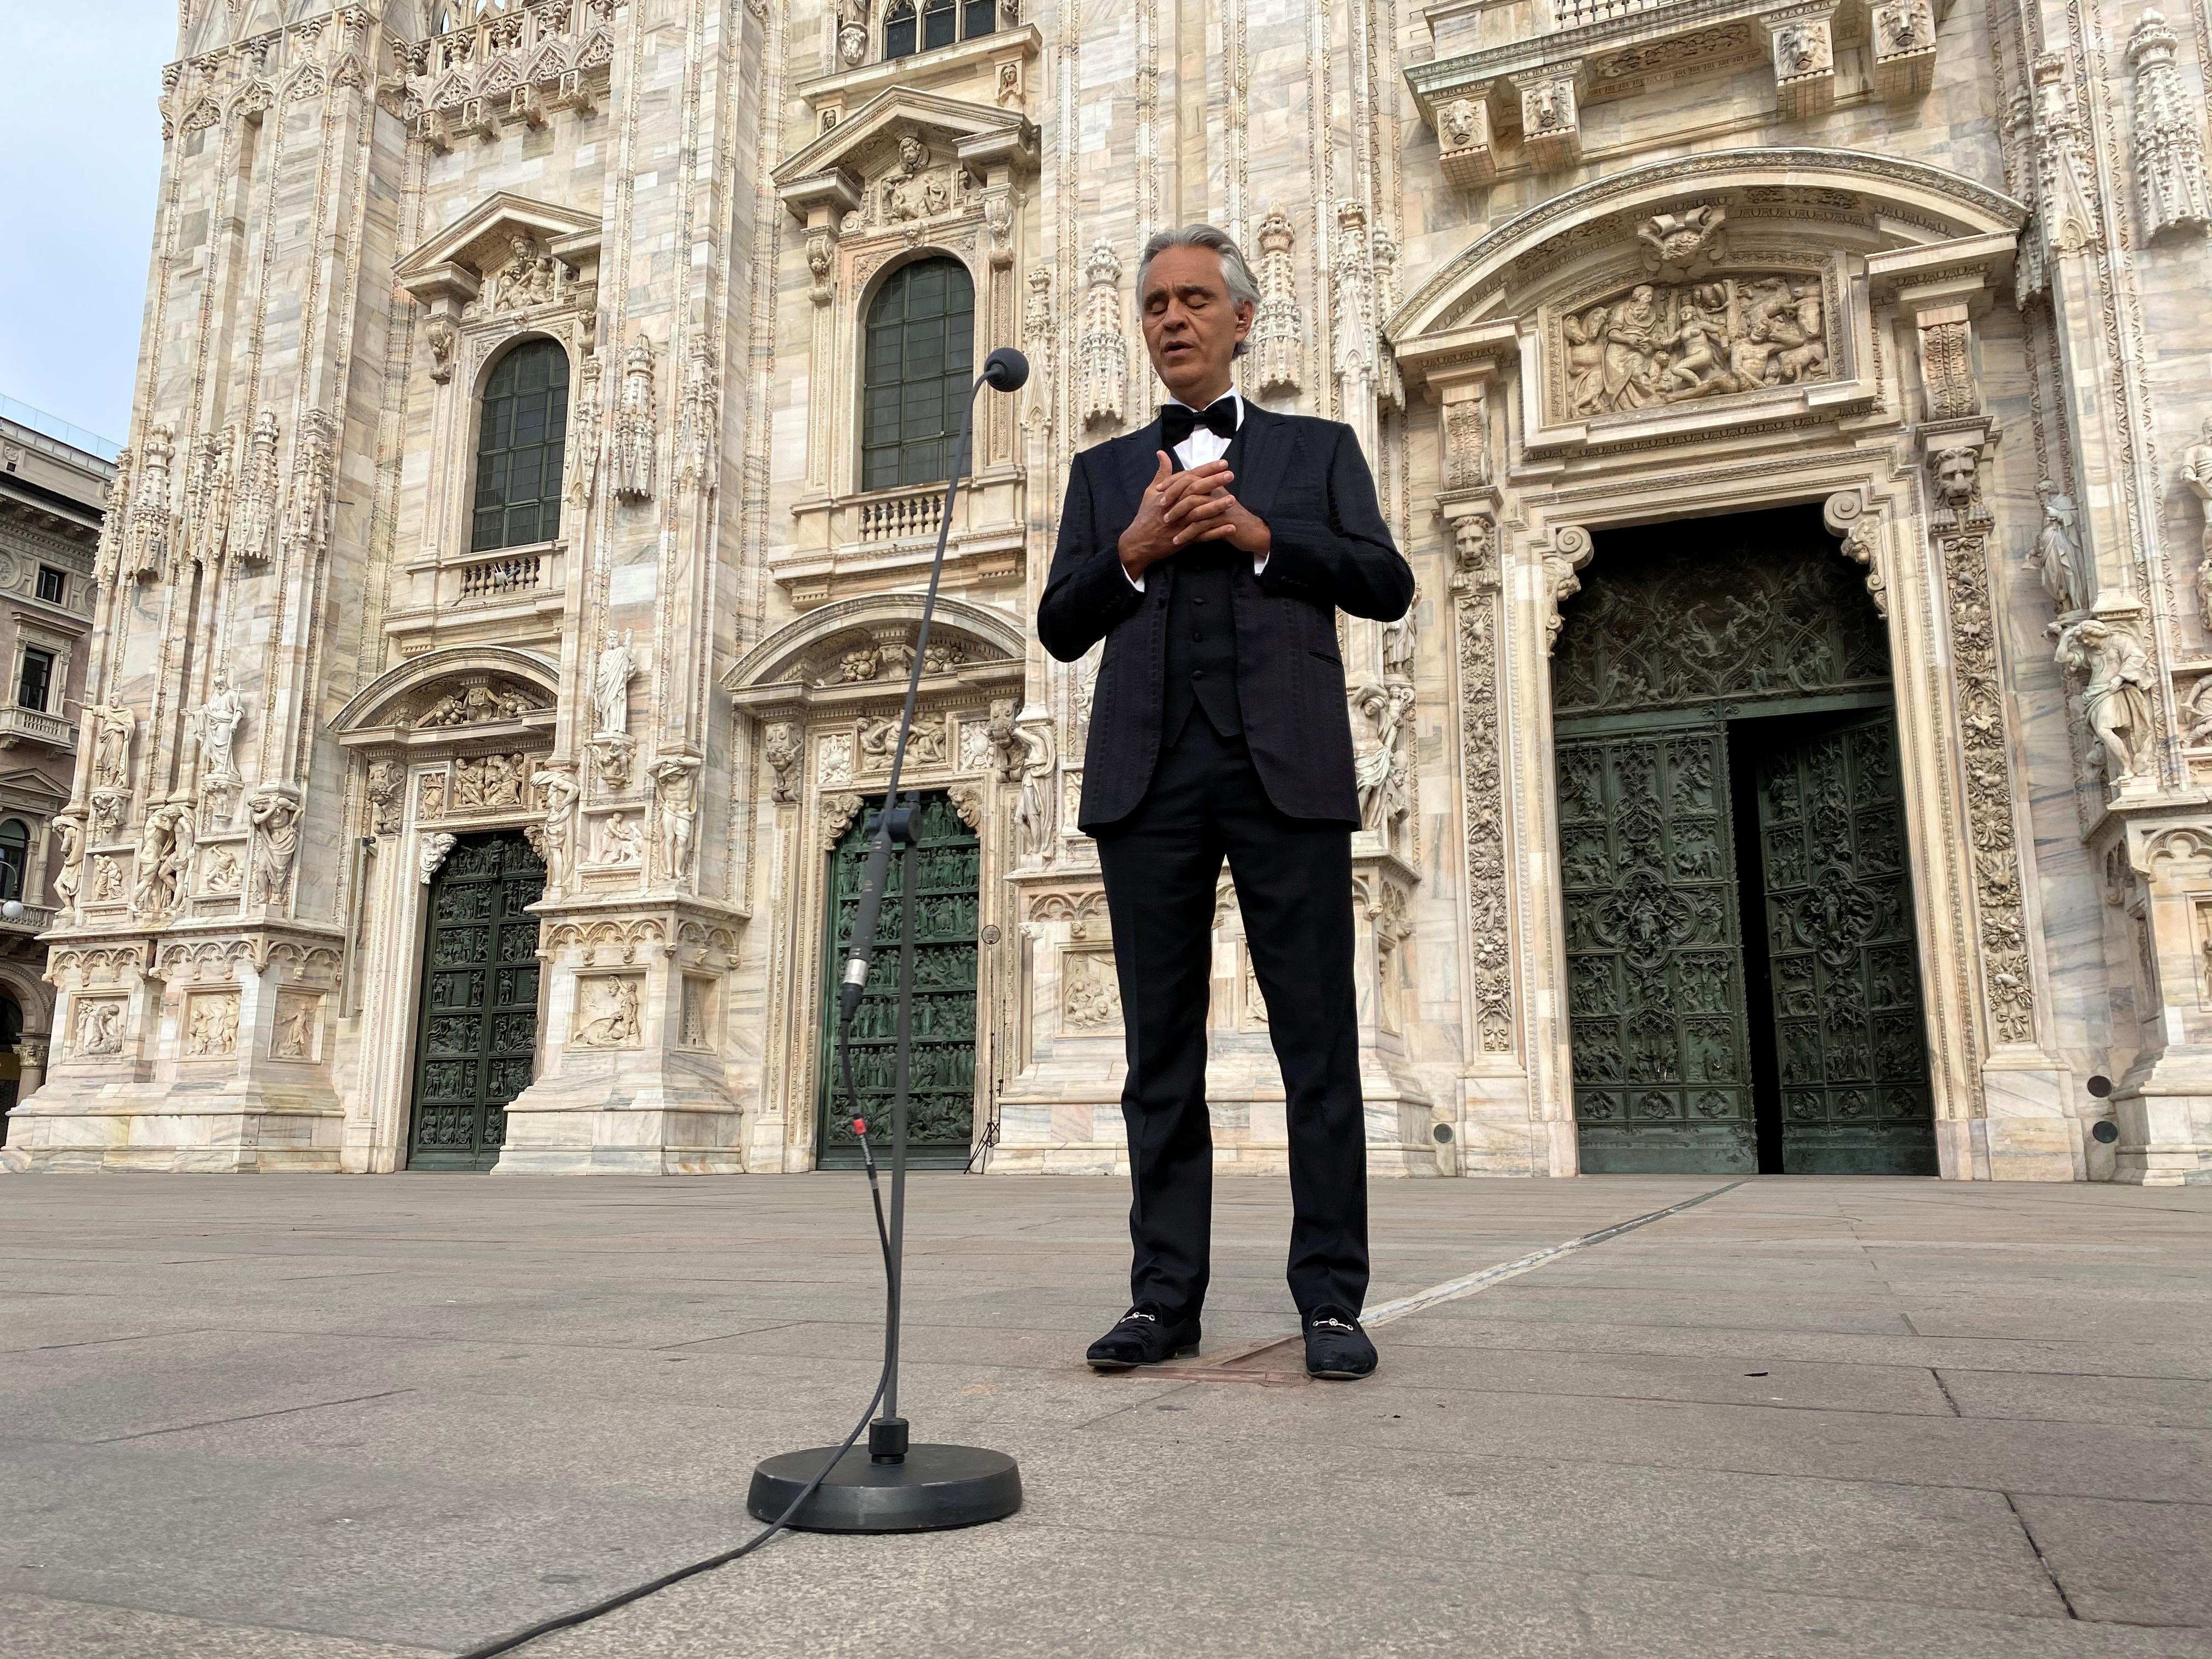 El reconocido cantante interpretó sus grandes clásicos por las víctimas del COVID-19 en Italia y en el mundo